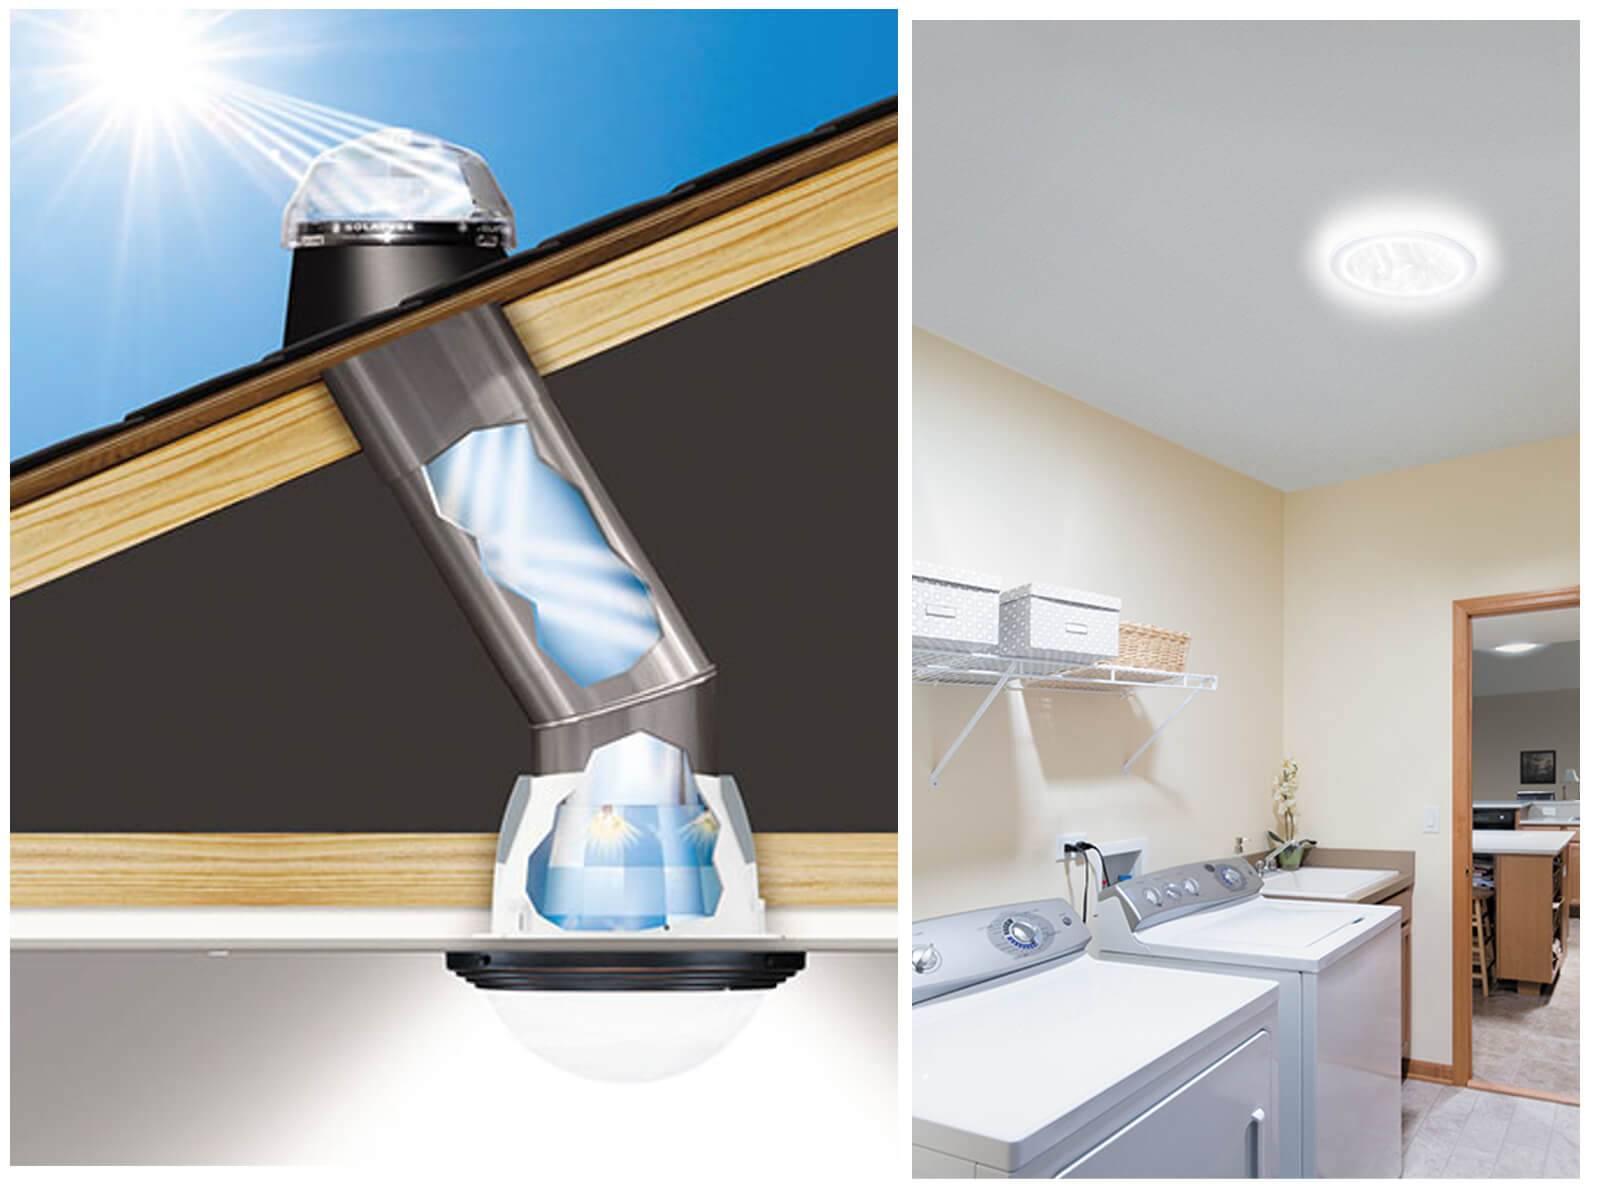 Как правильно подключить светодиодную подсветку в квартире или доме? советы экспертов по установке и эксплуатации